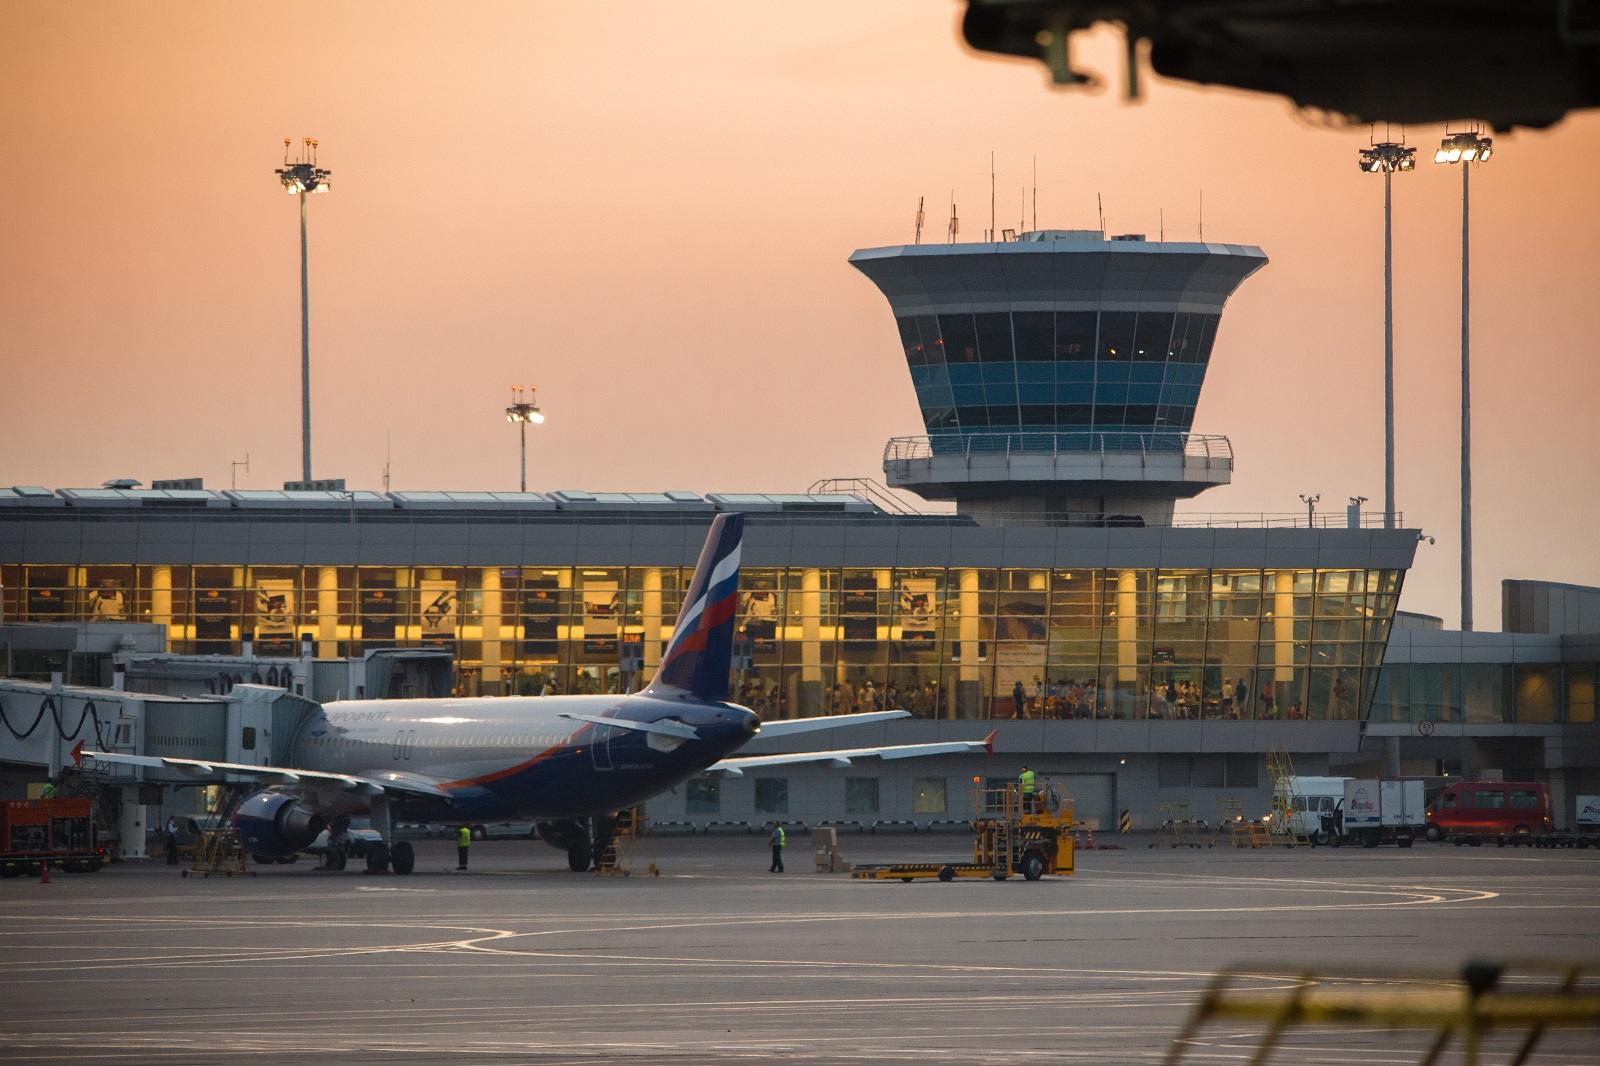 Международный аэропорт Шереметьево потратит на ремонт системпротивопожарнойзащиты 127 млн рублей